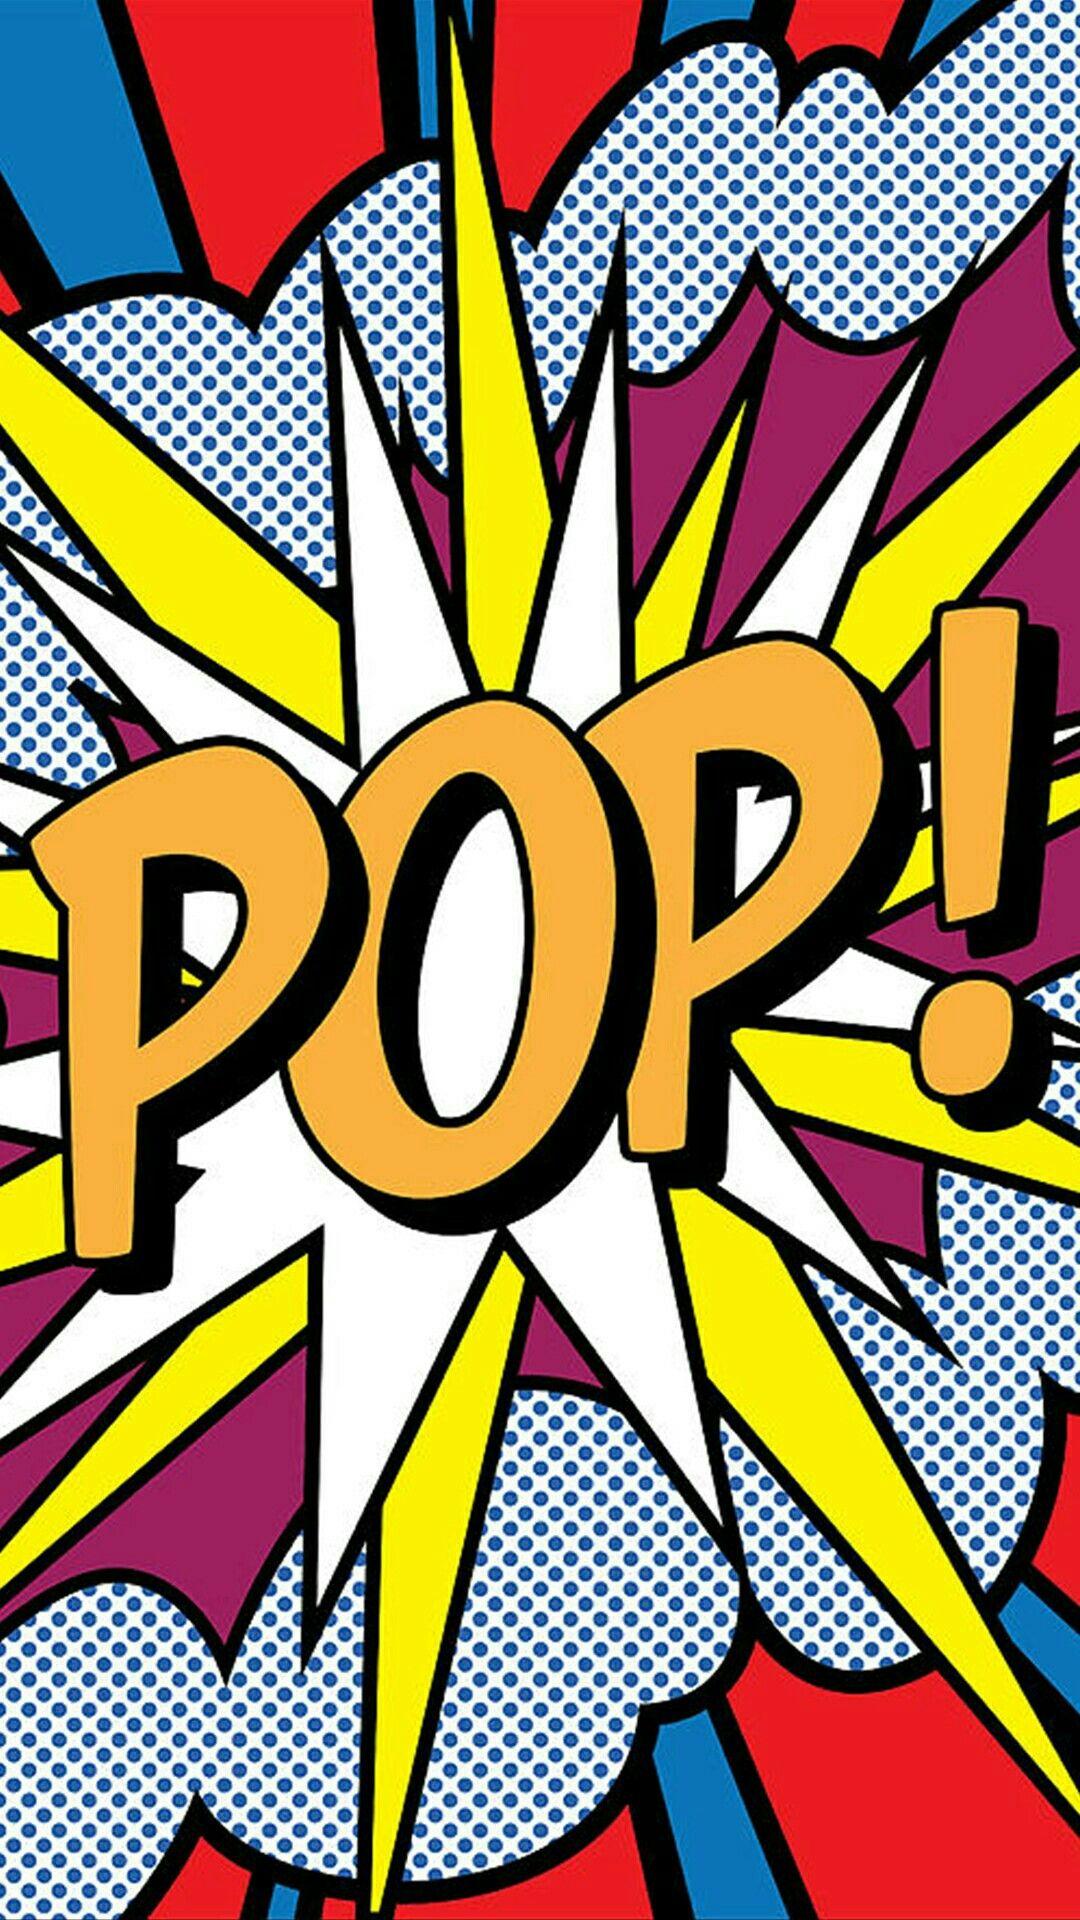 47 Pop Wallpaper On Wallpapersafari